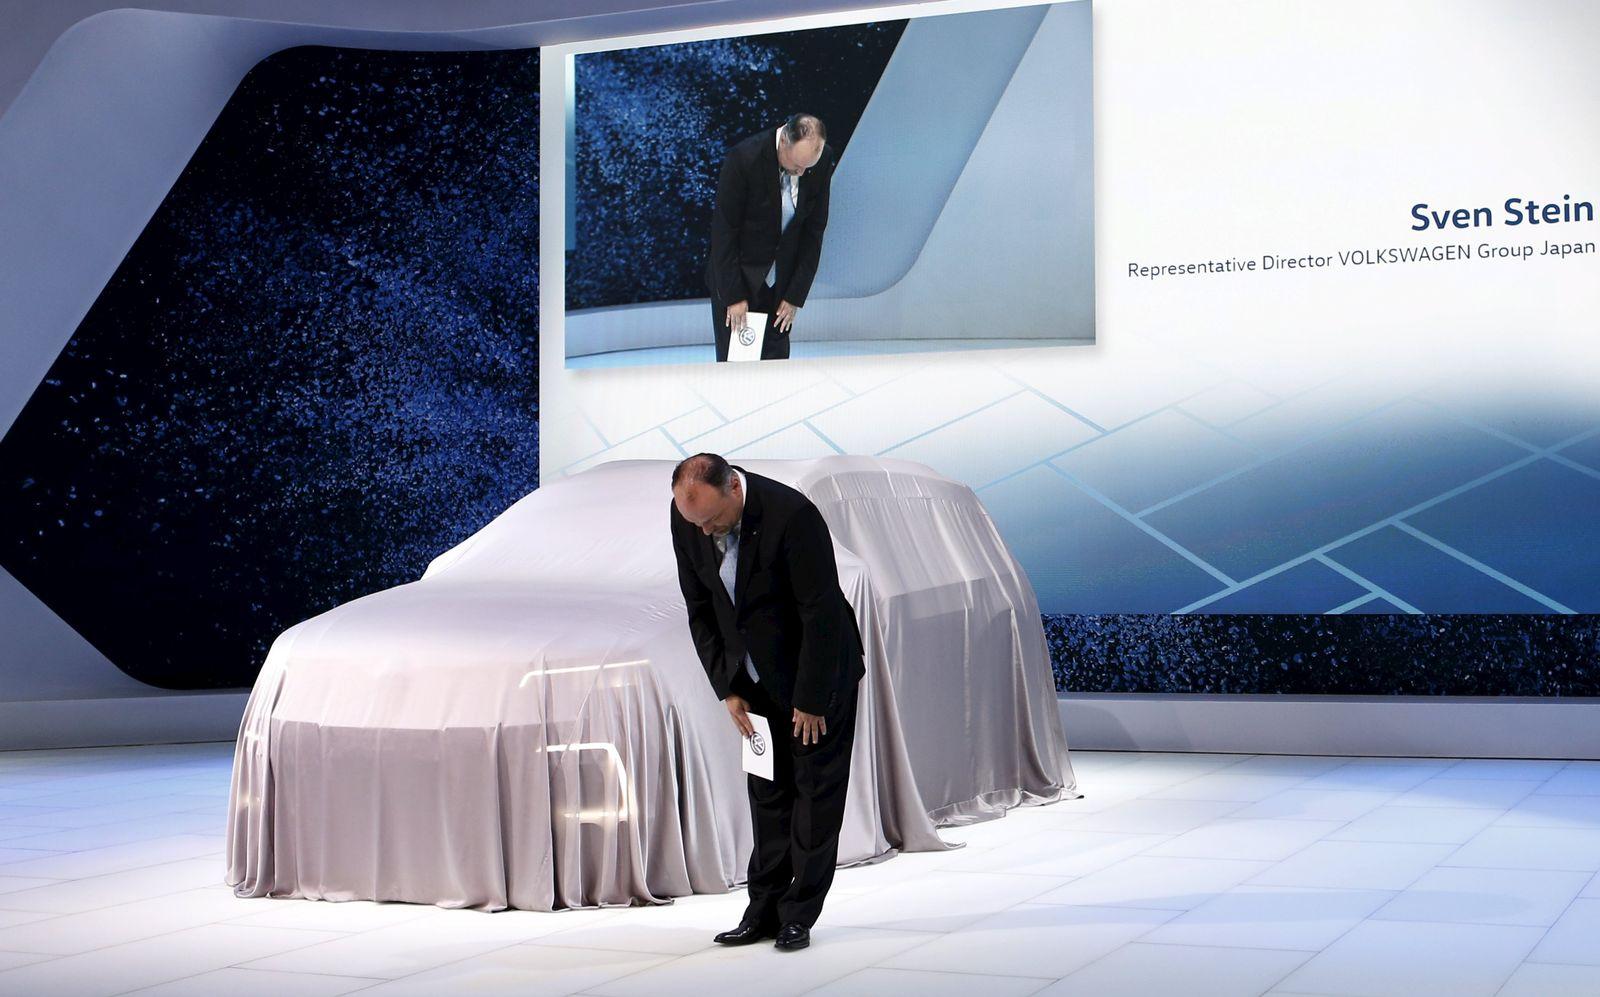 Japan / Tokio / Auto / VW / Stein